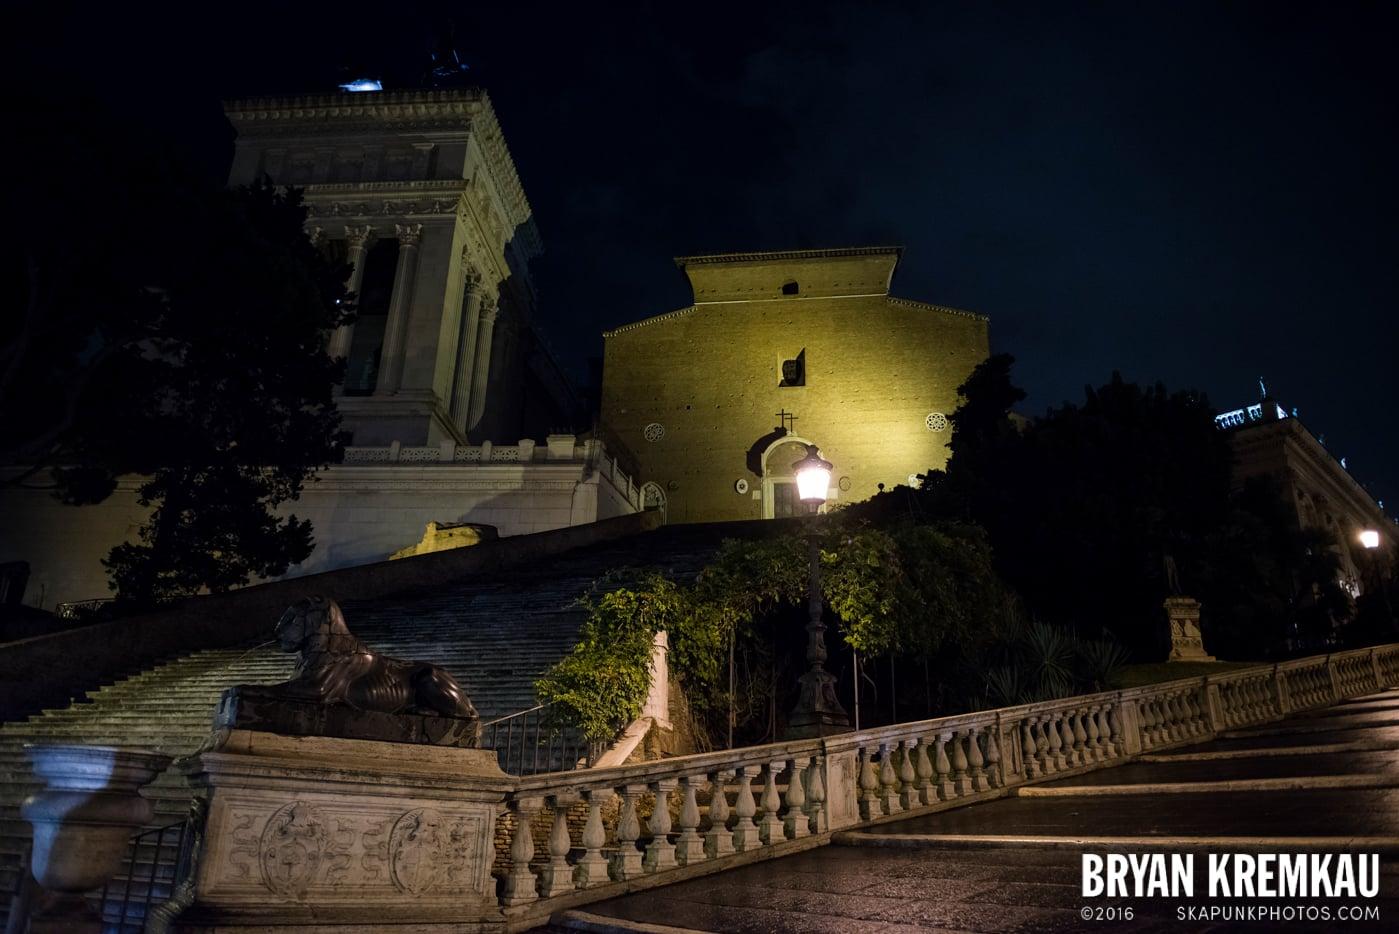 Italy Vacation - Day 2: Rome - 9.10.13 (15)